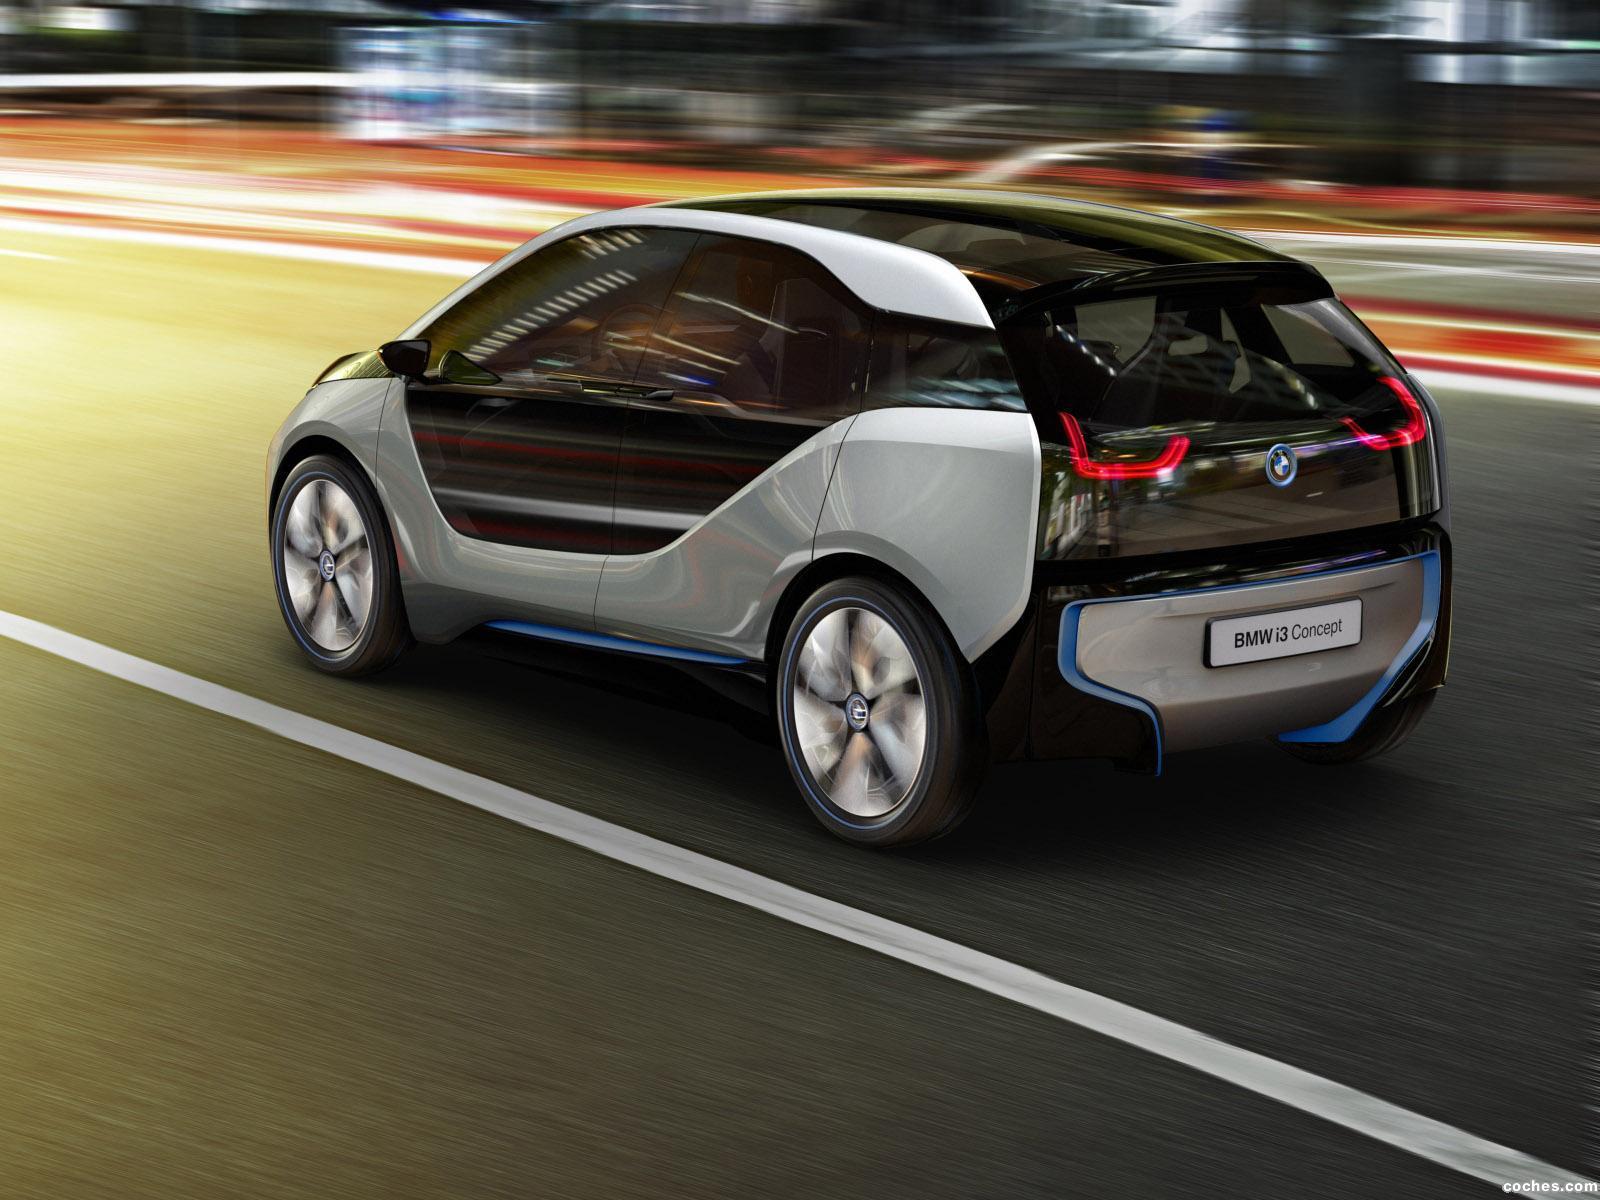 Foto 5 de BMW i3 Concept 2011